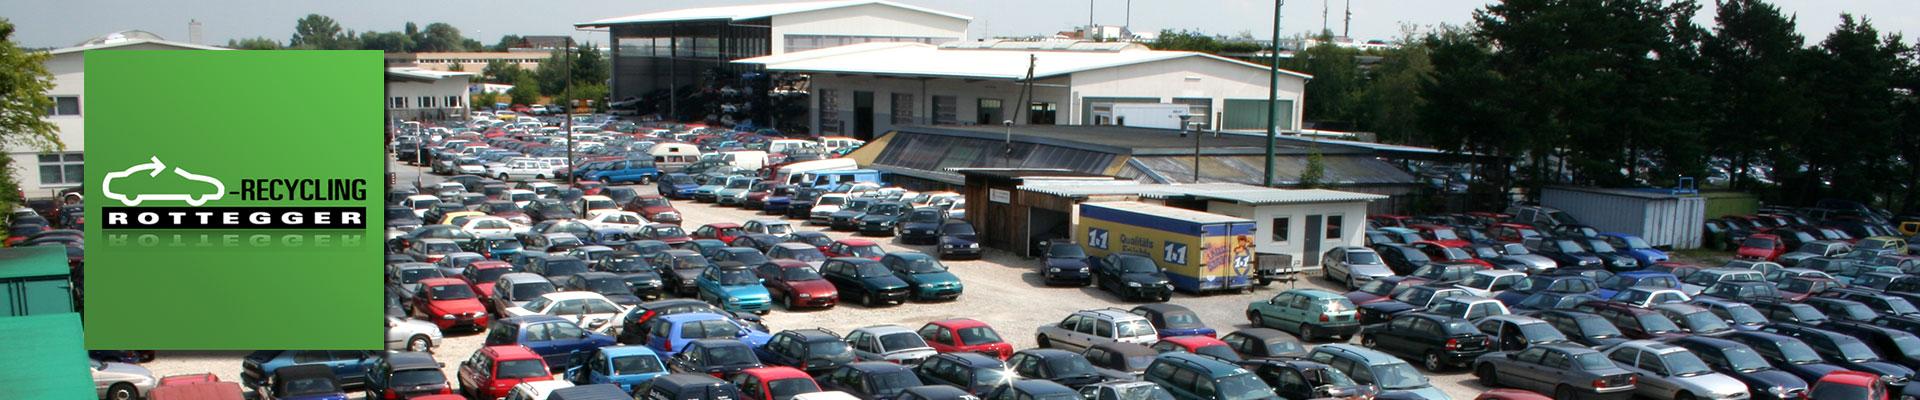 Das KFZ-Entsorgungsunternehmen Autoverwertung Rottegger in Garching